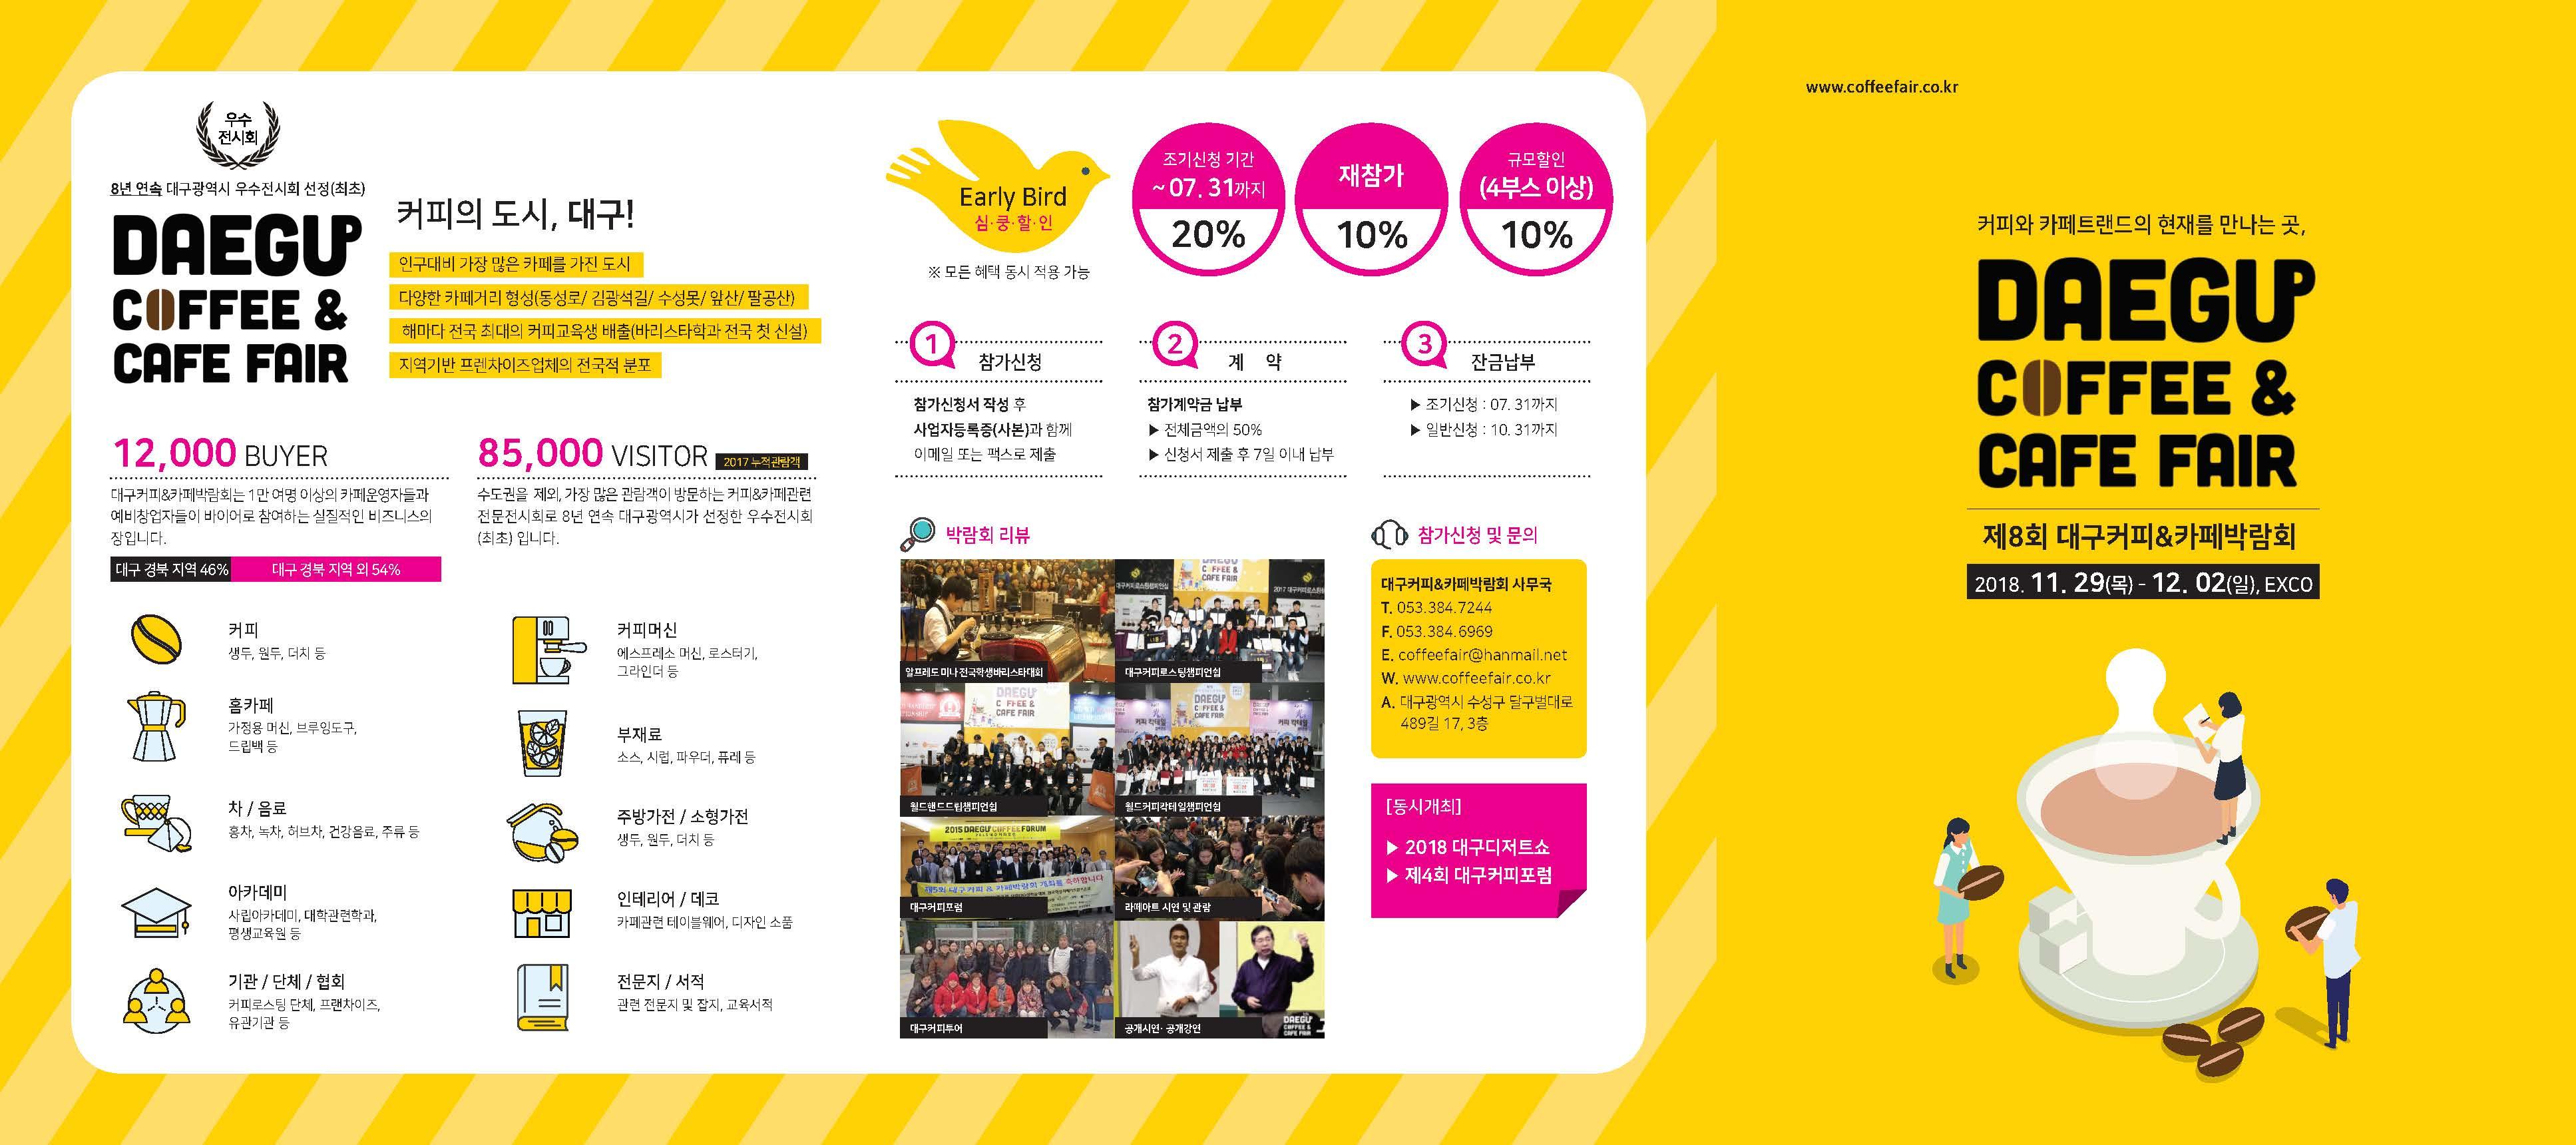 제8회대구커피&카페박람회-대구디저트쇼 2018_페이지_1.jpg